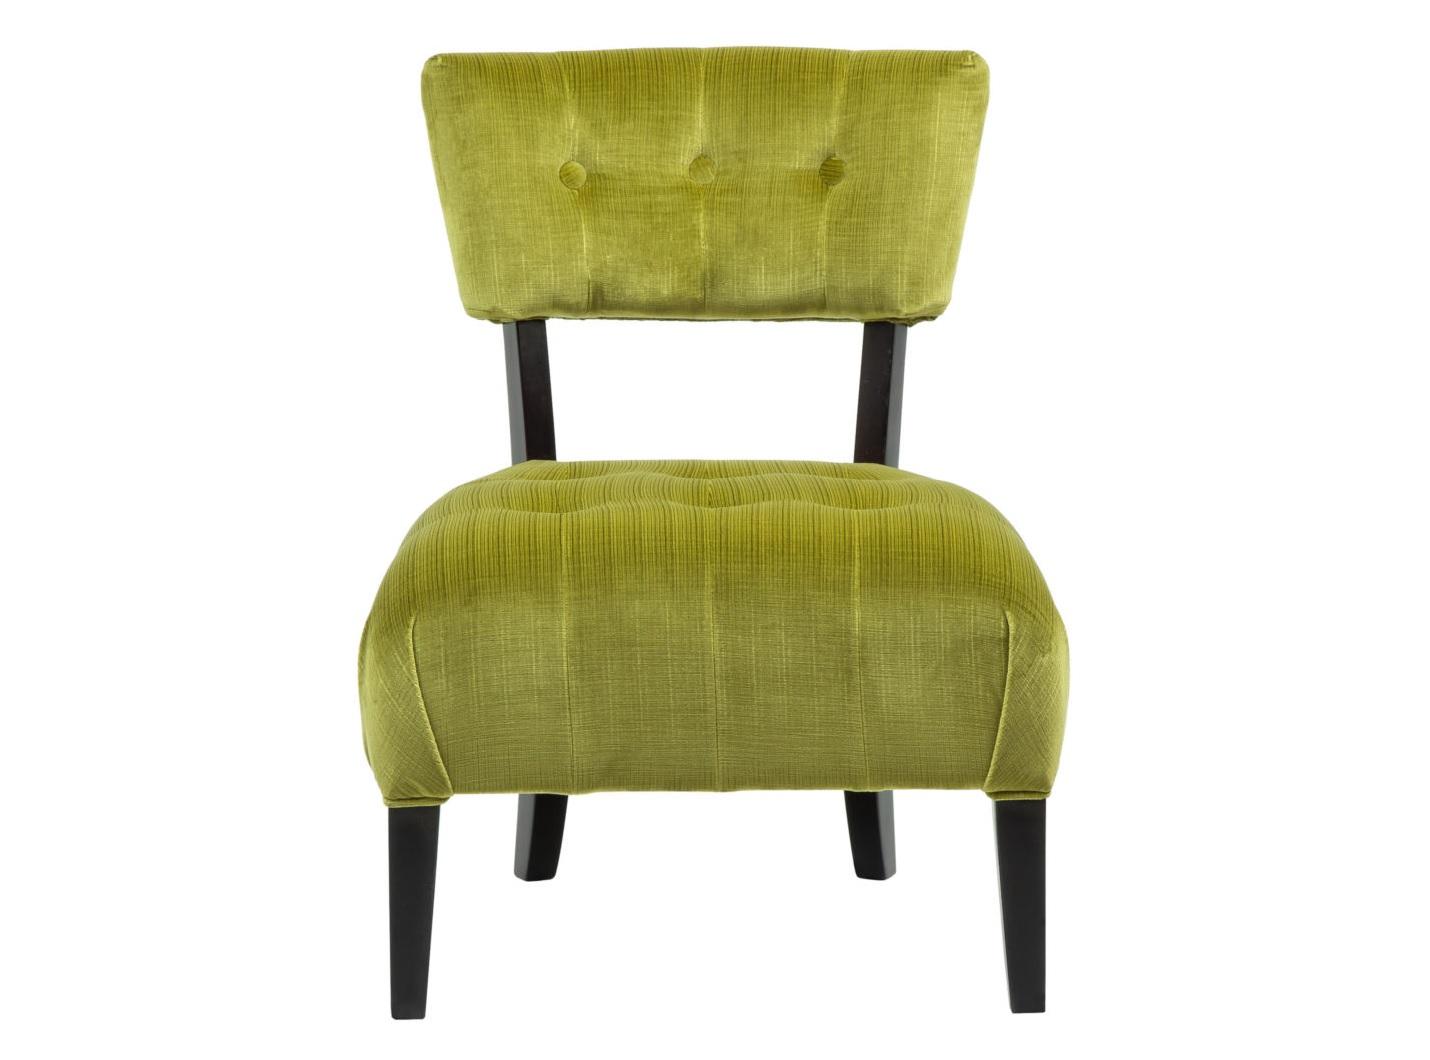 Кресло FirenzeПолукресла<br>Это экстравагантное кресло может служить неожиданным эклектичным акцентом в четком современном интерьере или органично влиться в нео-классическую композицию. Firenze будет великолепно смотреться как в одиночестве, среди массивных диванов, так и в компании подобных предметов, создавая изысканный стиль всему окружающему пространству.<br><br>Material: Текстиль<br>Width см: 55<br>Depth см: 60<br>Height см: 65